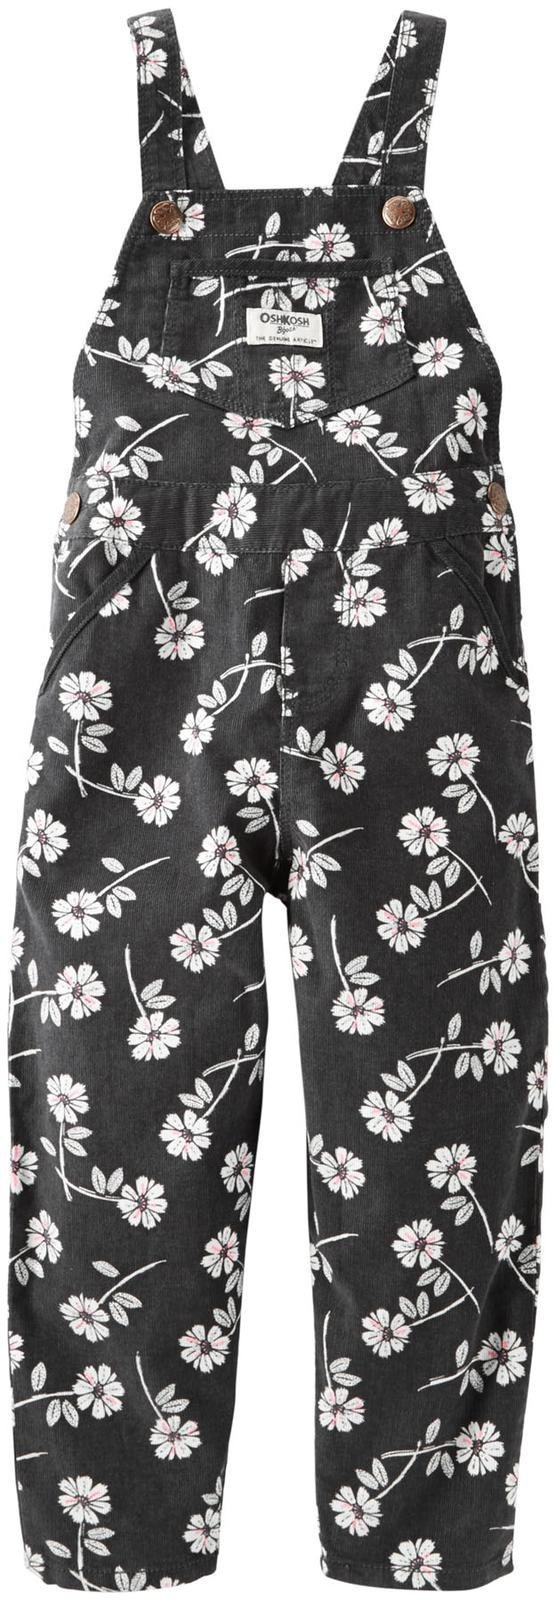 OshKosh B'Gosh Girls' Overall 21420411, Floral, 4T by OshKosh B'Gosh (Image #1)